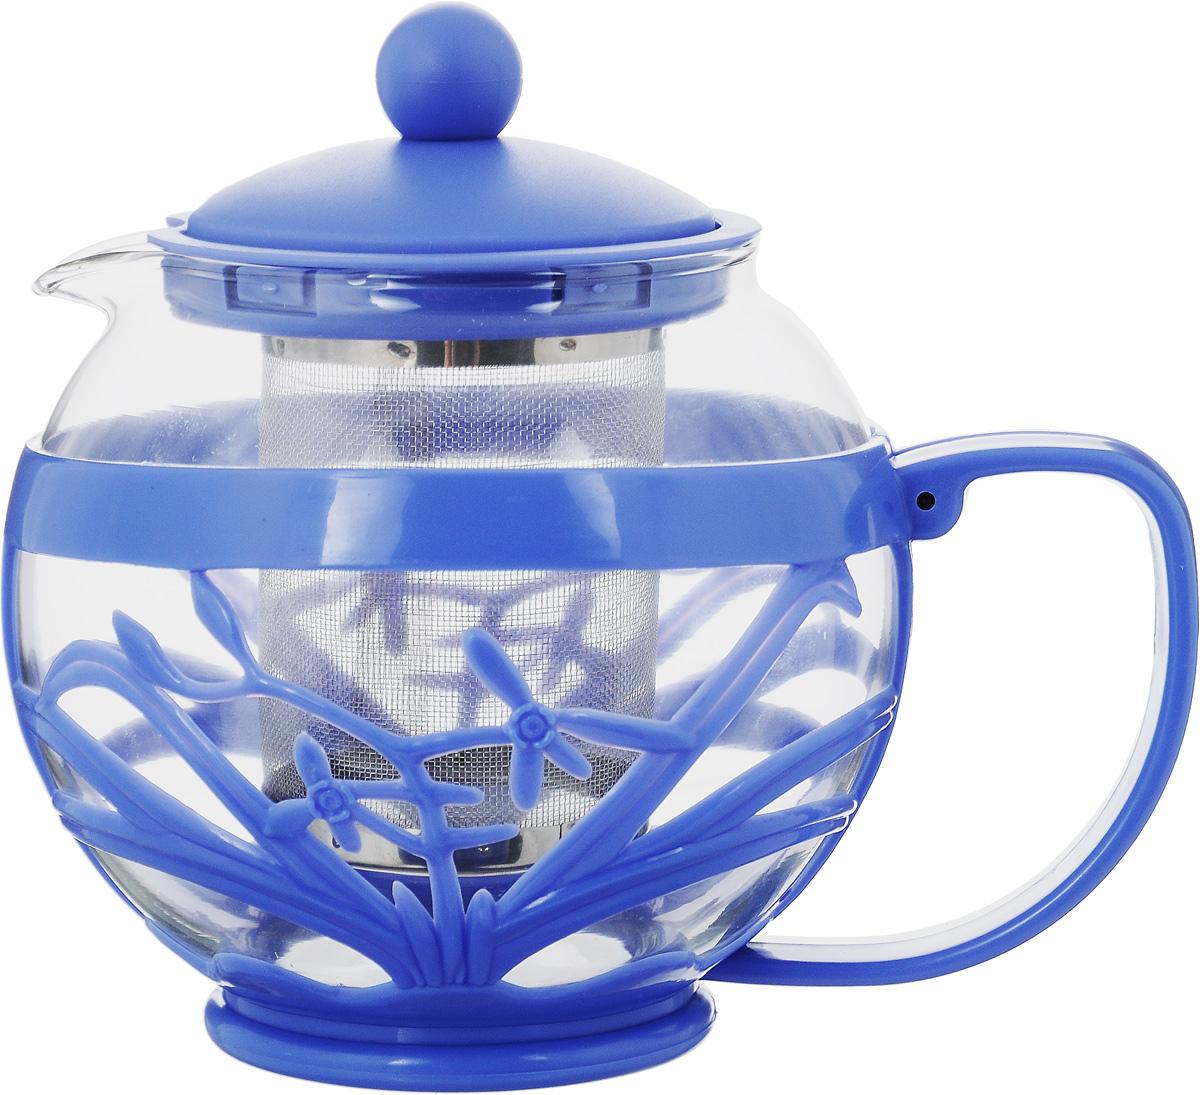 Чайник заварочный Menu Мелисса, с фильтром, цвет: прозрачный, синий, 750 млMLS-75_прозрачный, синийЧайник Menu Мелисса изготовлен из прочного стекла и пластика. Он прекрасно подойдет для заваривания чая и травяных напитков. Классический стиль и оптимальный объем делают его удобным и оригинальным аксессуаром. Изделие имеет удлиненный металлический фильтр, который обеспечивает высокое качество фильтрации напитка и позволяет заварить чай даже при небольшом уровне воды. Ручка чайника не нагревается и обеспечивает безопасность использования. Нельзя мыть в посудомоечной машине. Диаметр чайника (по верхнему краю): 8 см.Высота чайника (без учета крышки): 11 см.Размер фильтра: 6 х 6 х 7,2 см.